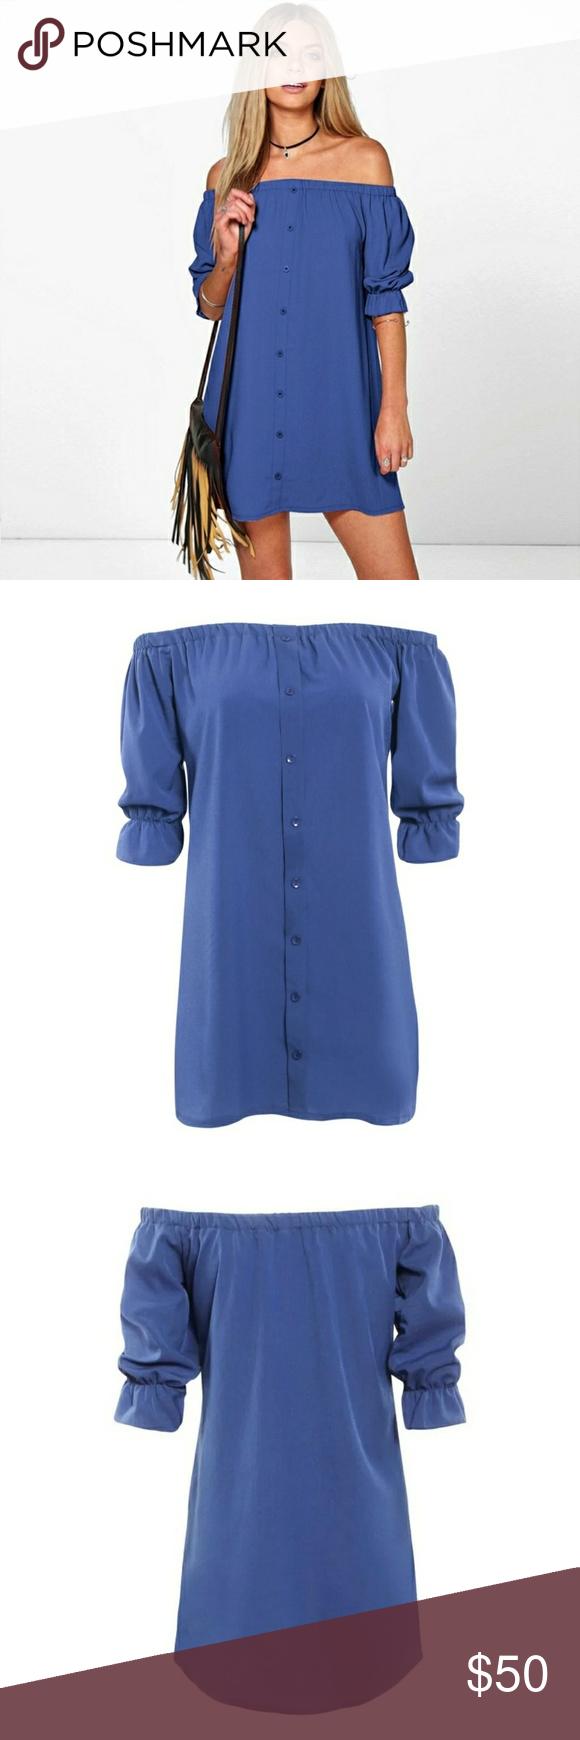 c67ee1f421 Elegant Off The Shoulder Button Down Shirt Dress